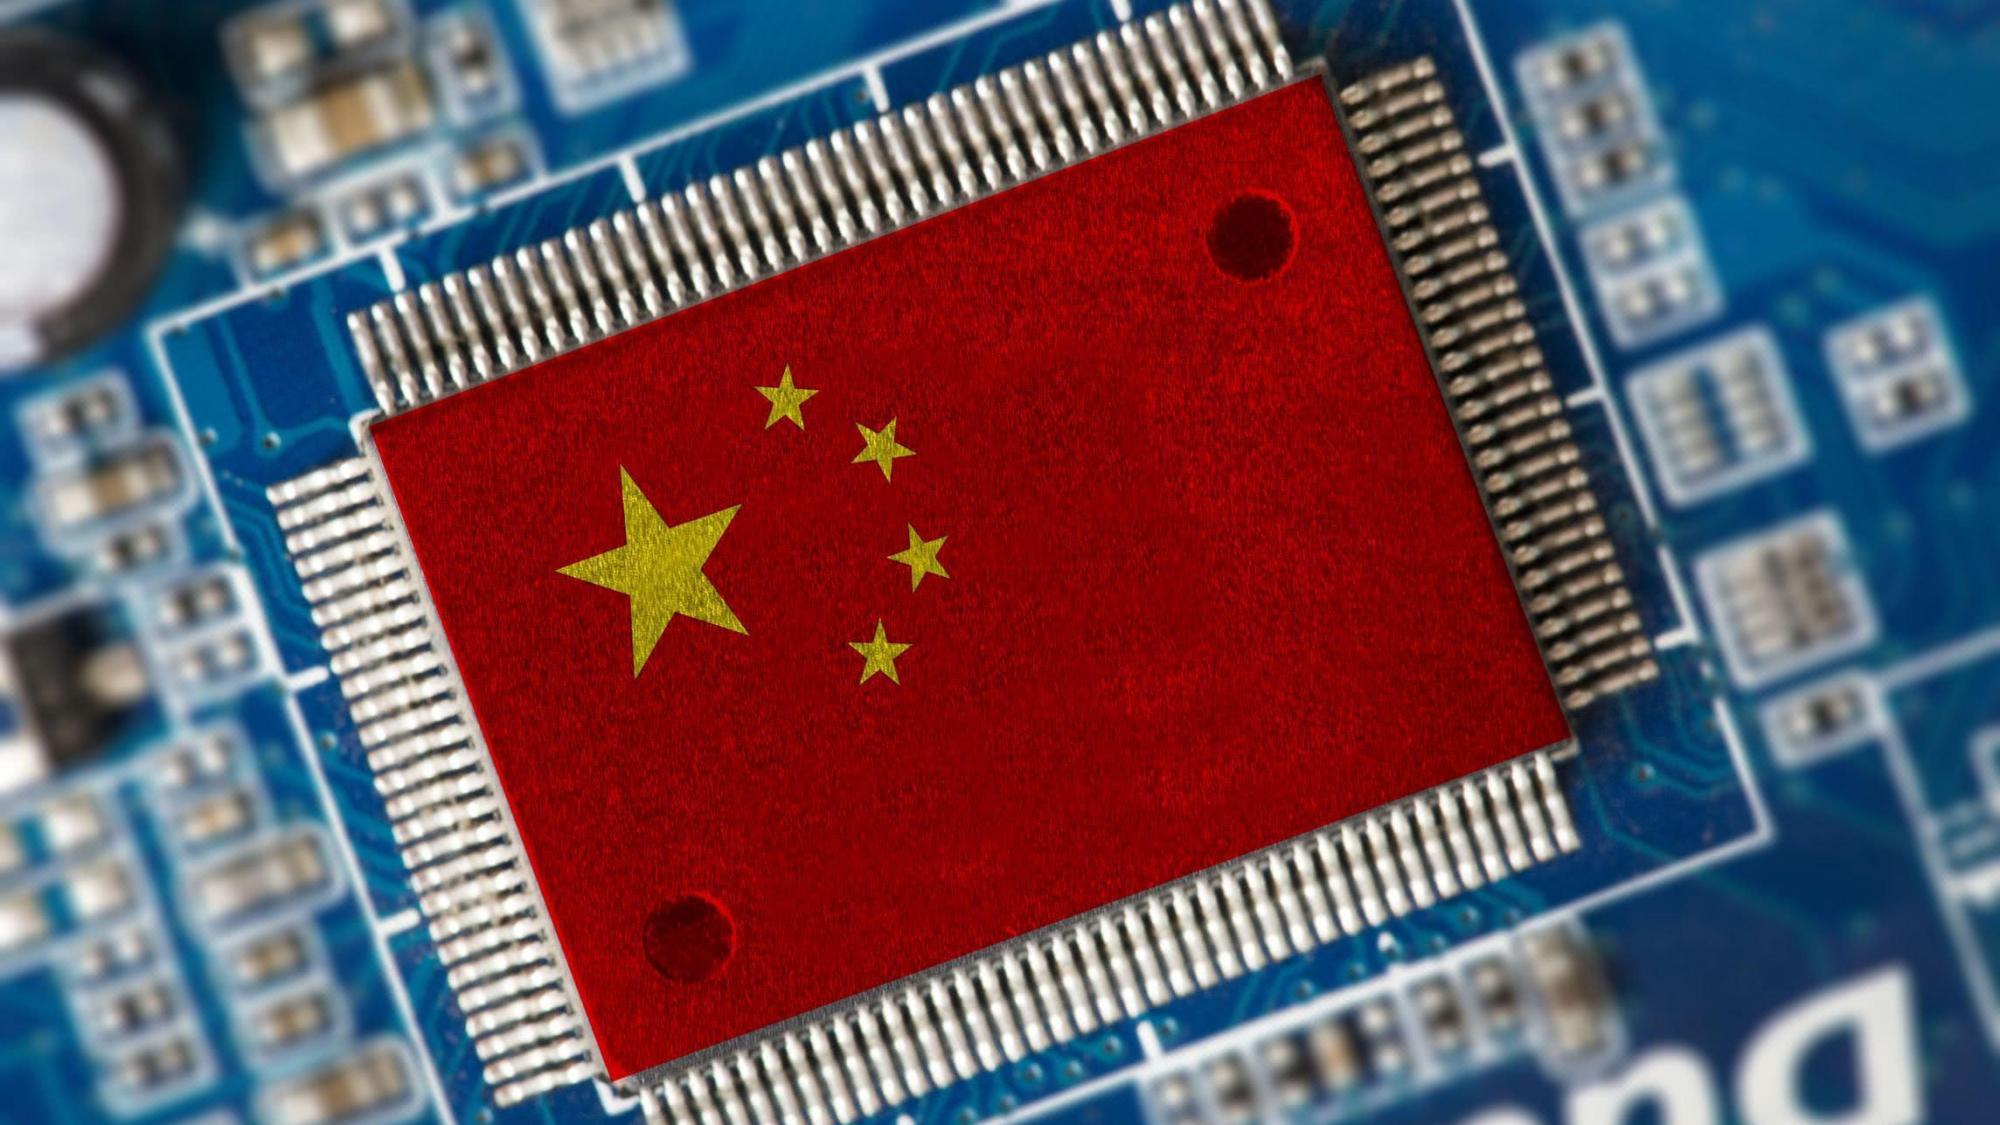 """比尔盖茨说得没错!又一芯片巨子强势突起,中国芯将""""各处着花"""""""